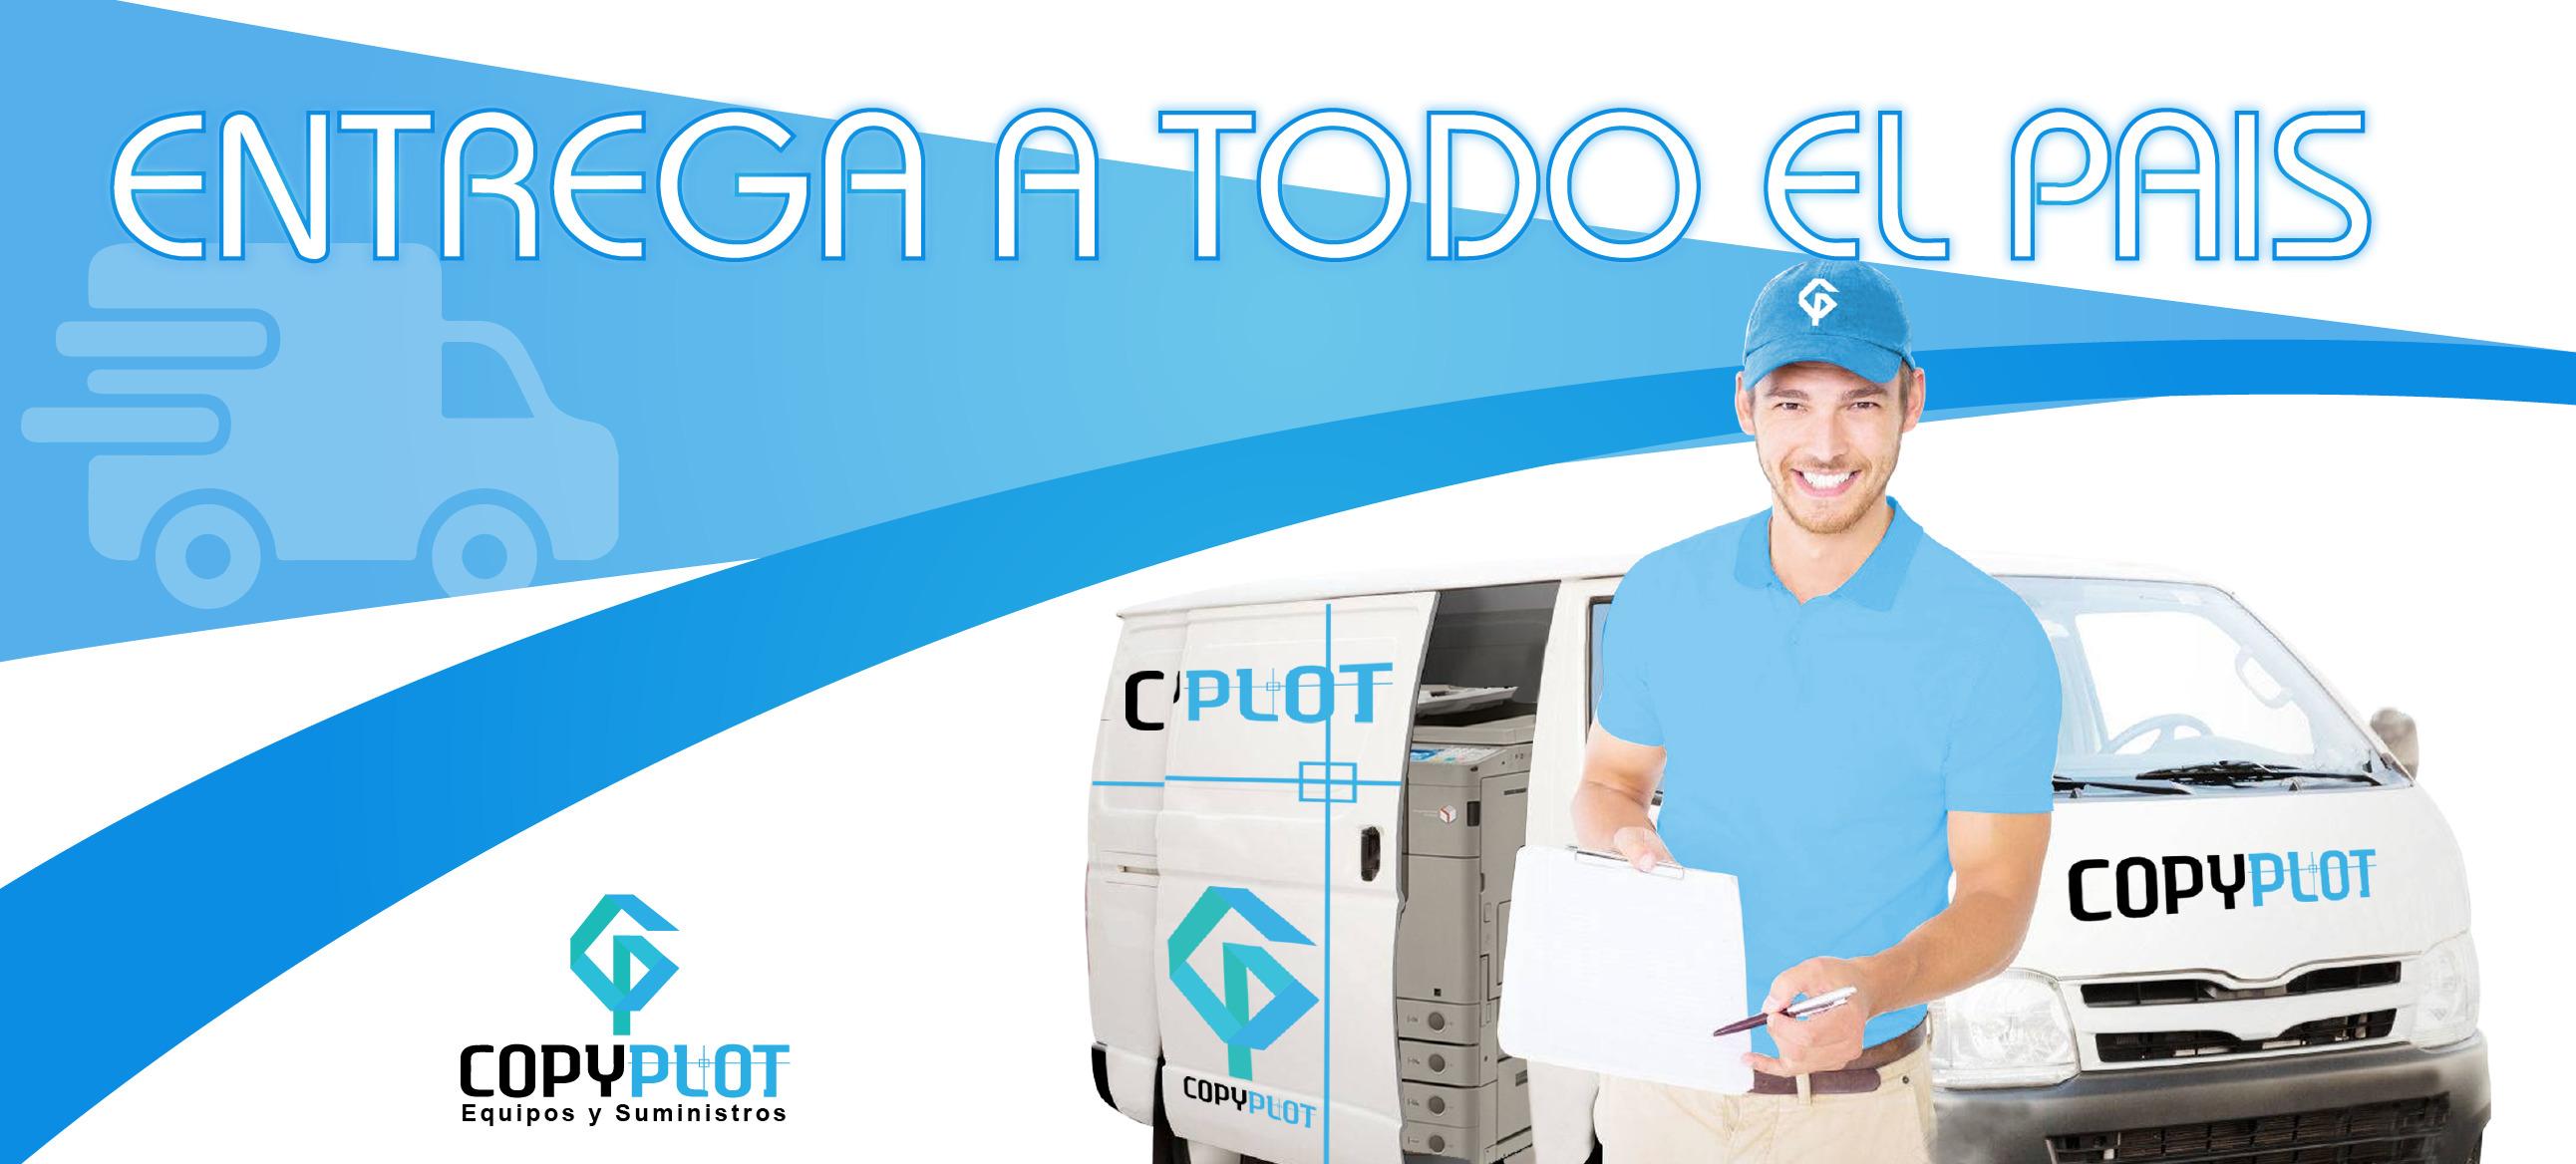 Copyplot Venta Y Renta De Fotocopiadoras